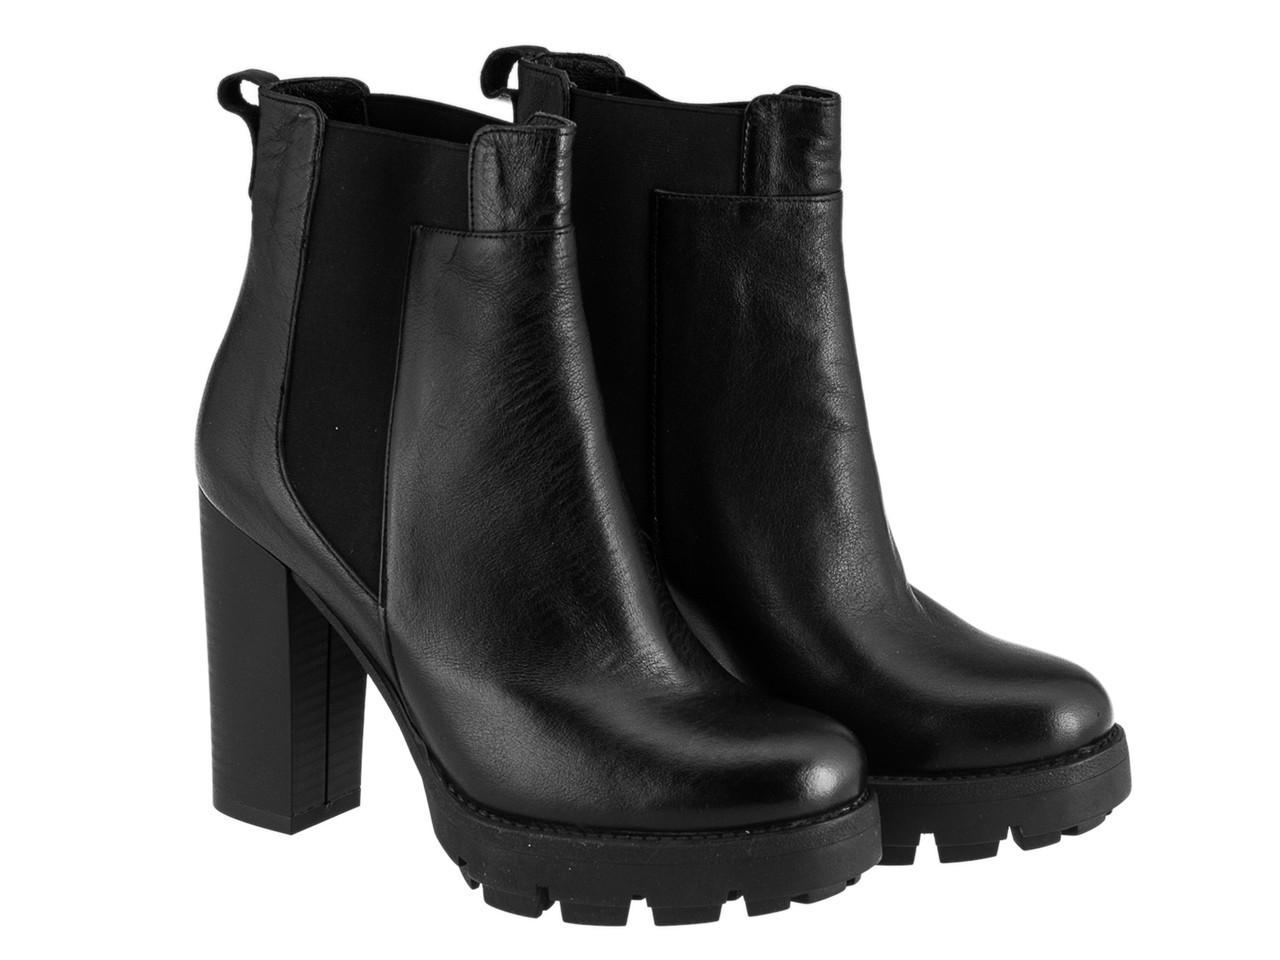 Ботинки Etor 5728-07295 37 черные